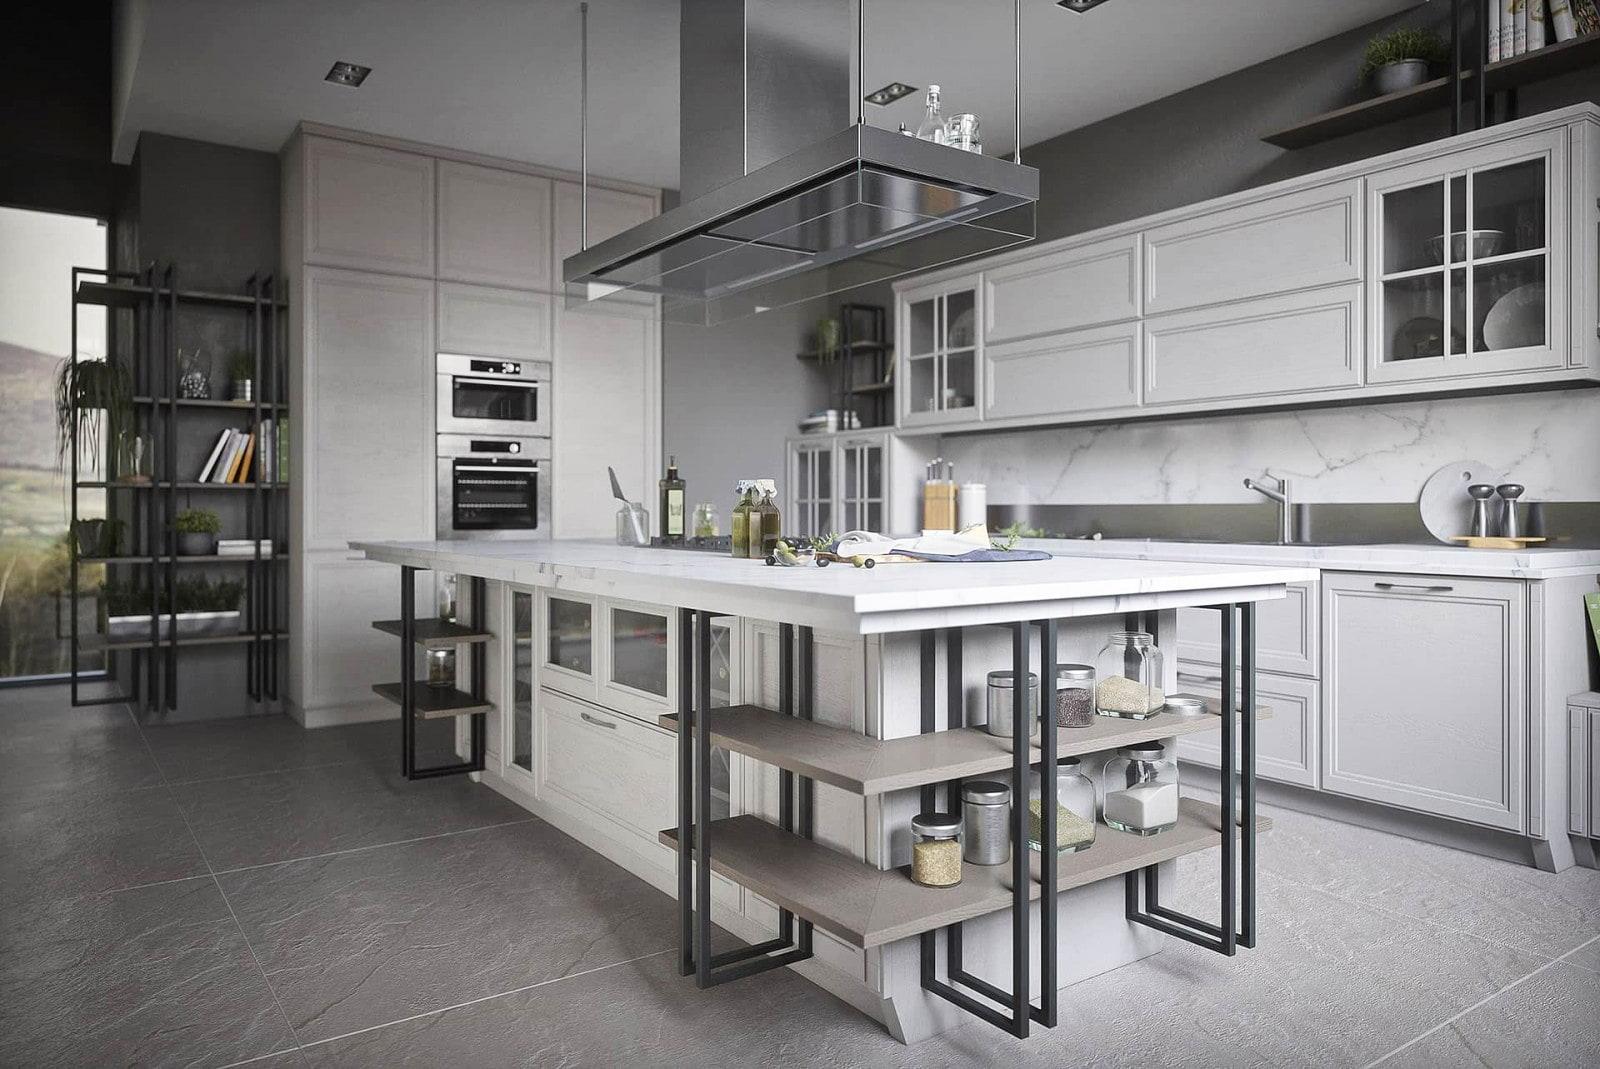 kücheneinrichtung landhausstil